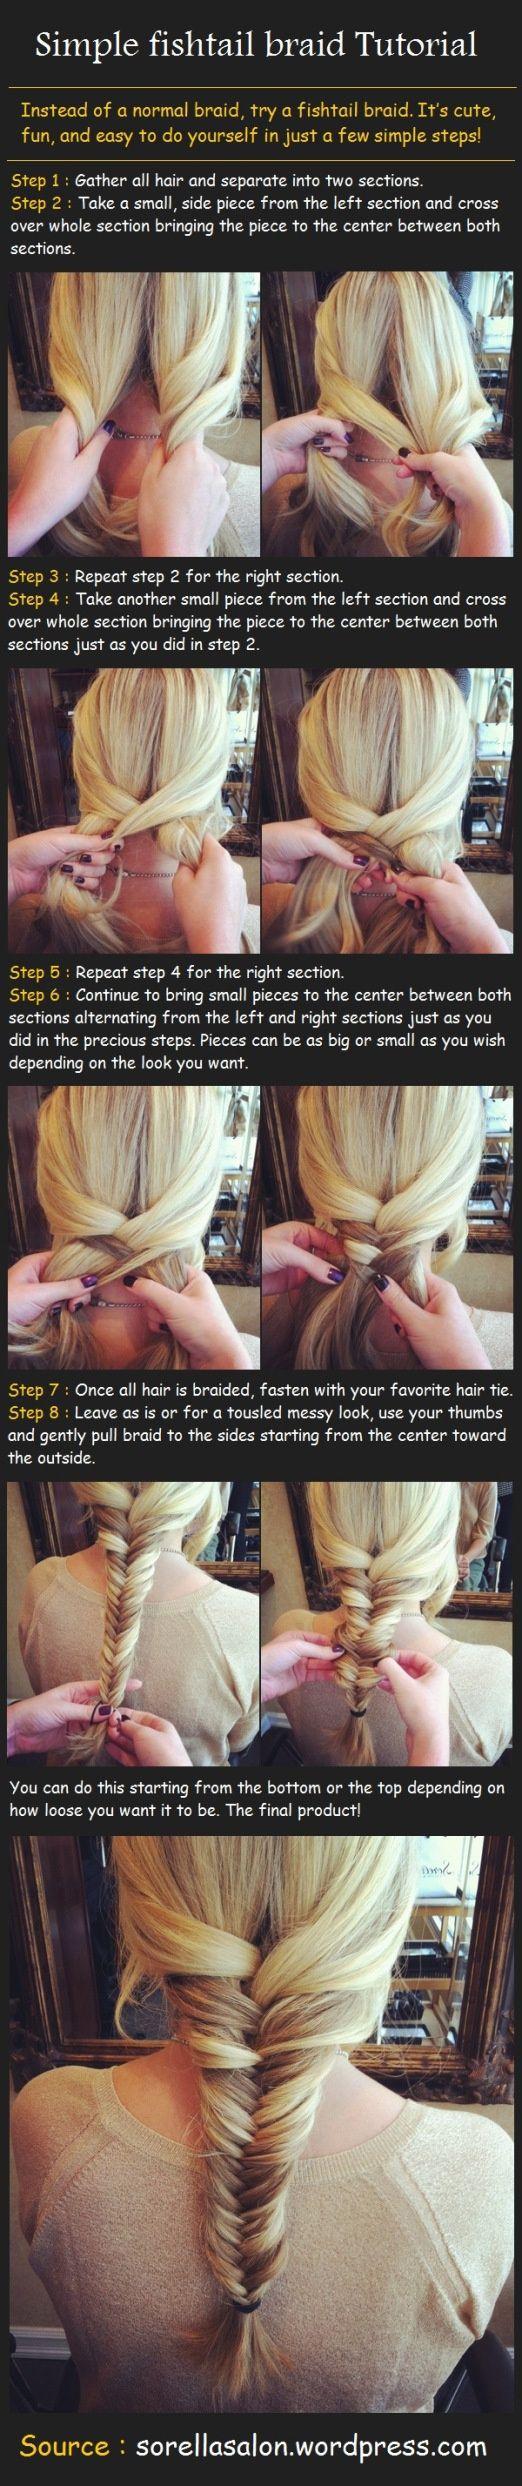 Simple Fishtail Braid Tutorial #Fishtail #Fish #Tail #Braid #Tutorial #Hair #Hairstyle #Beauty